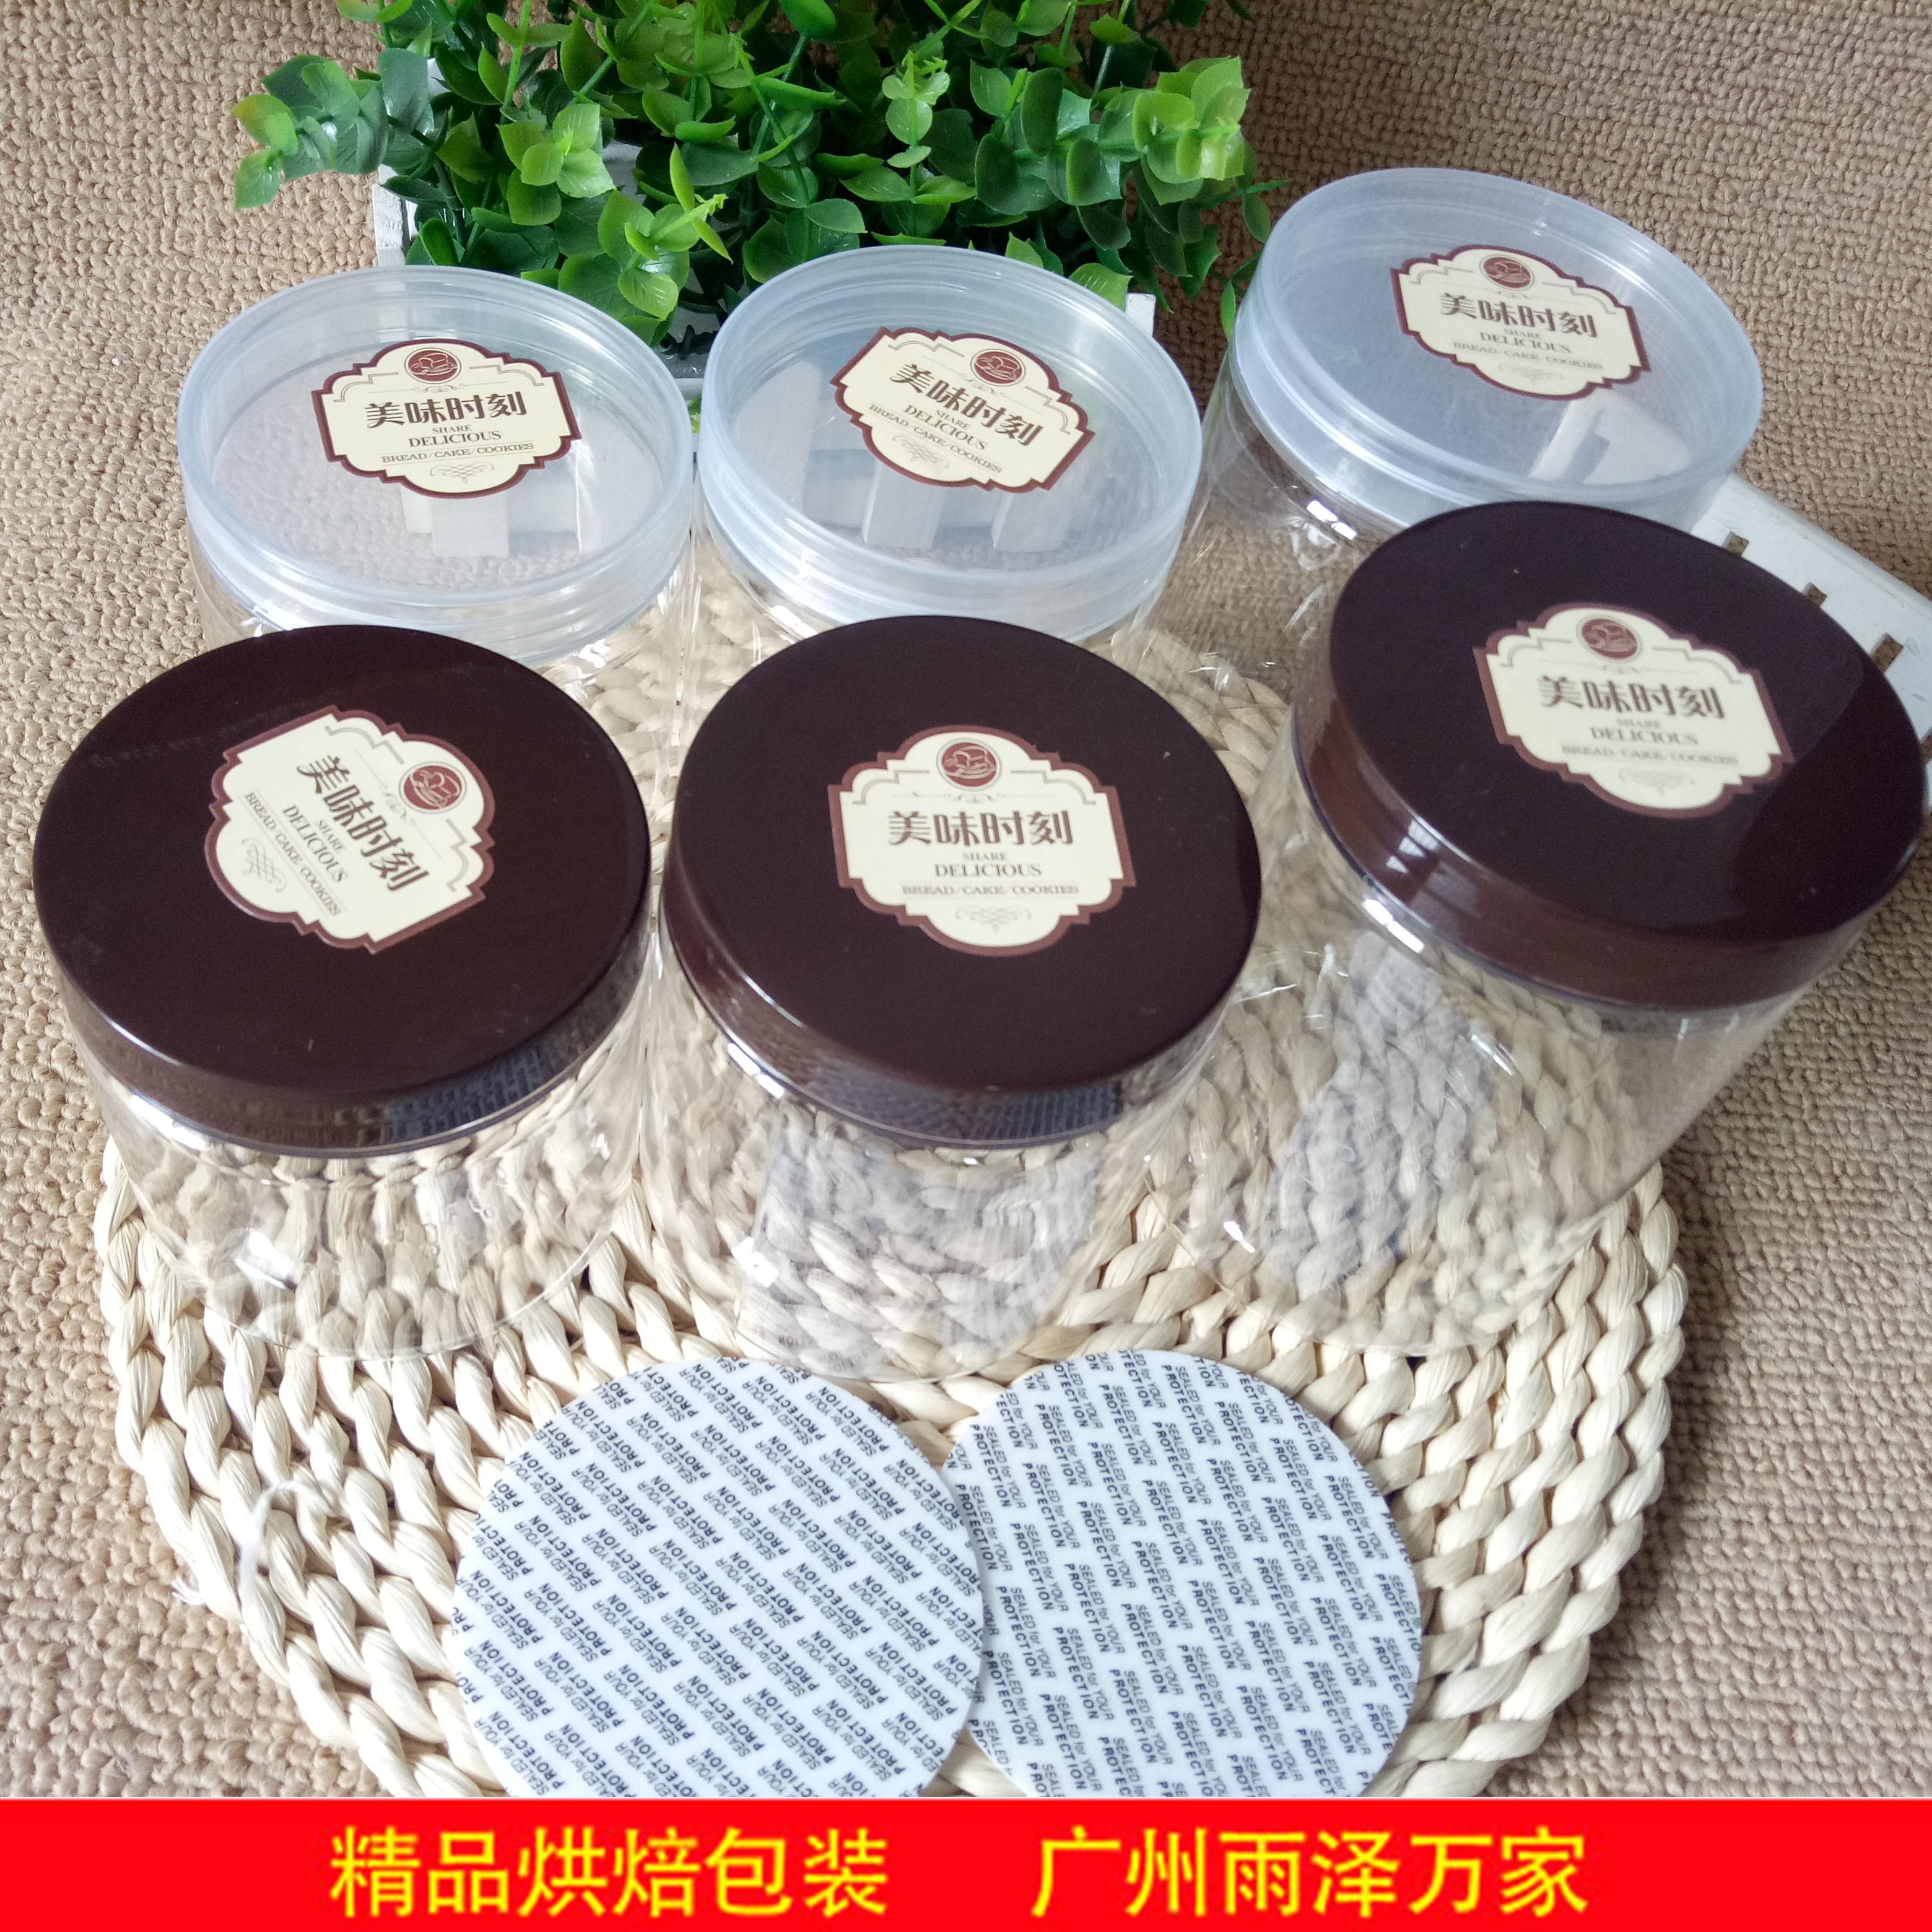 - les cookies de canneberge à West Point de cuisson de biscuits de cassette de stockage de boîte d'emballage de pot cylindrique pour joint d'étanchéité